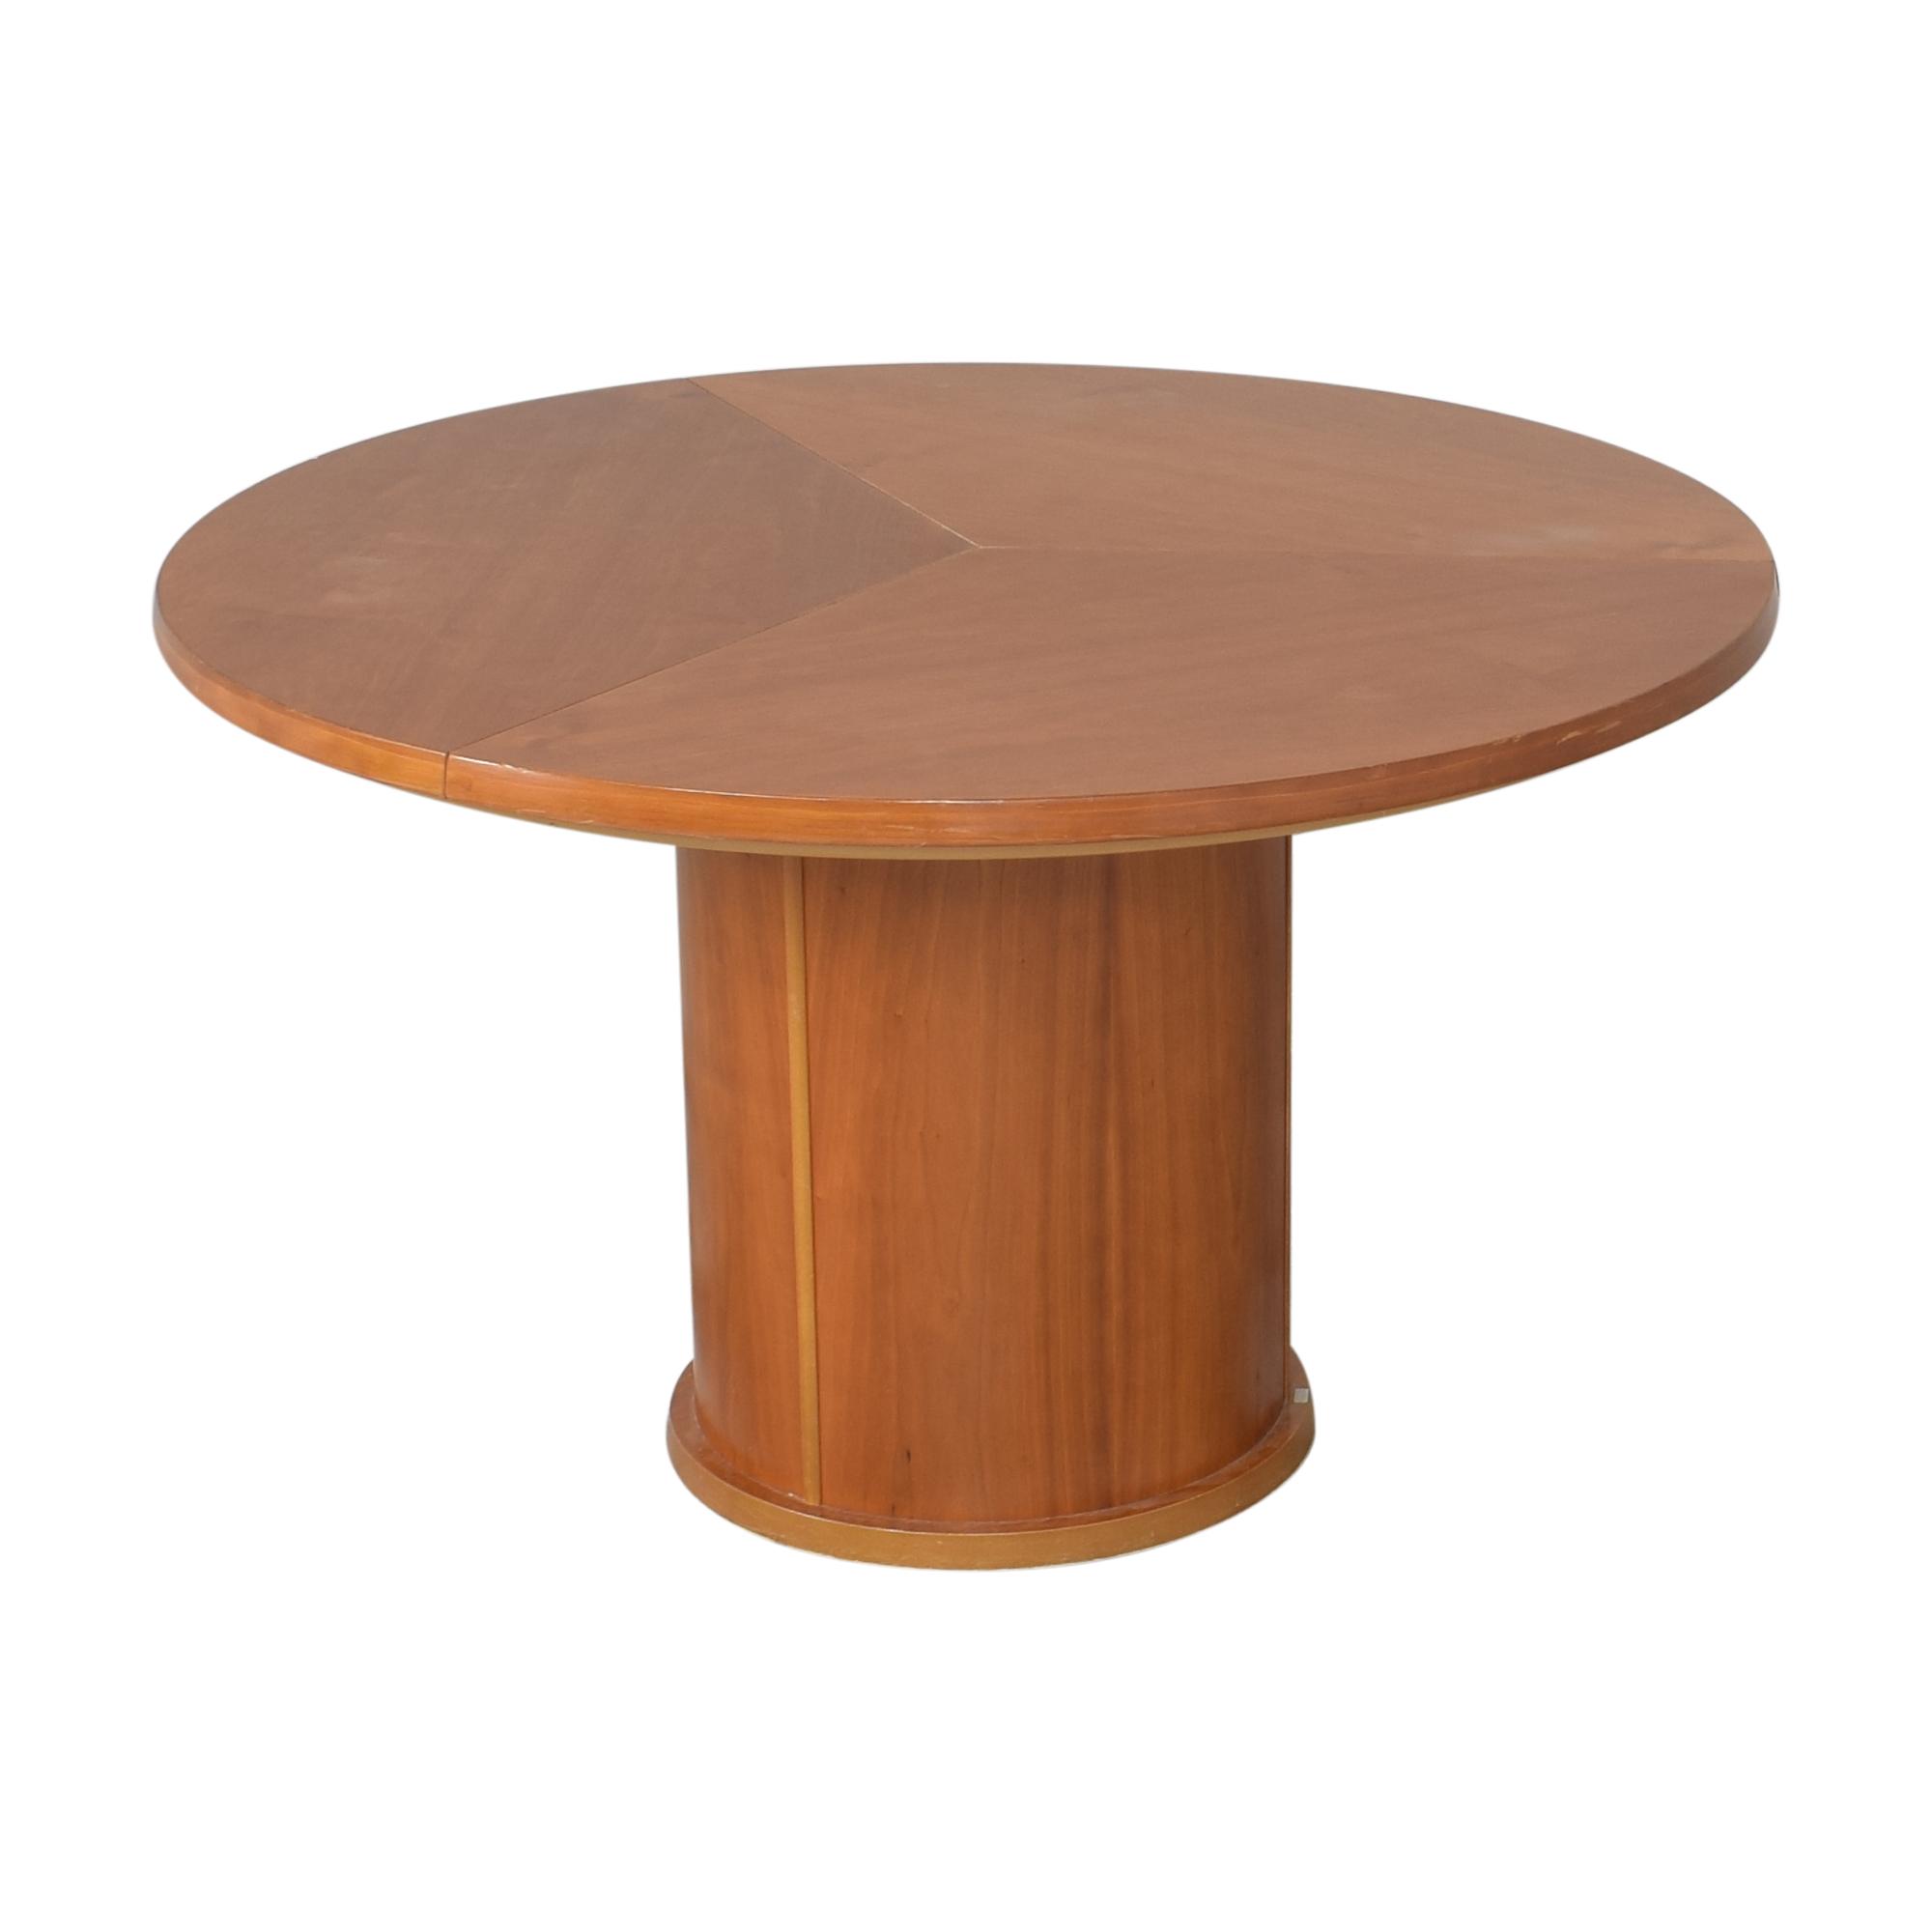 Skovby Skovby SM 32 Dining Table for sale